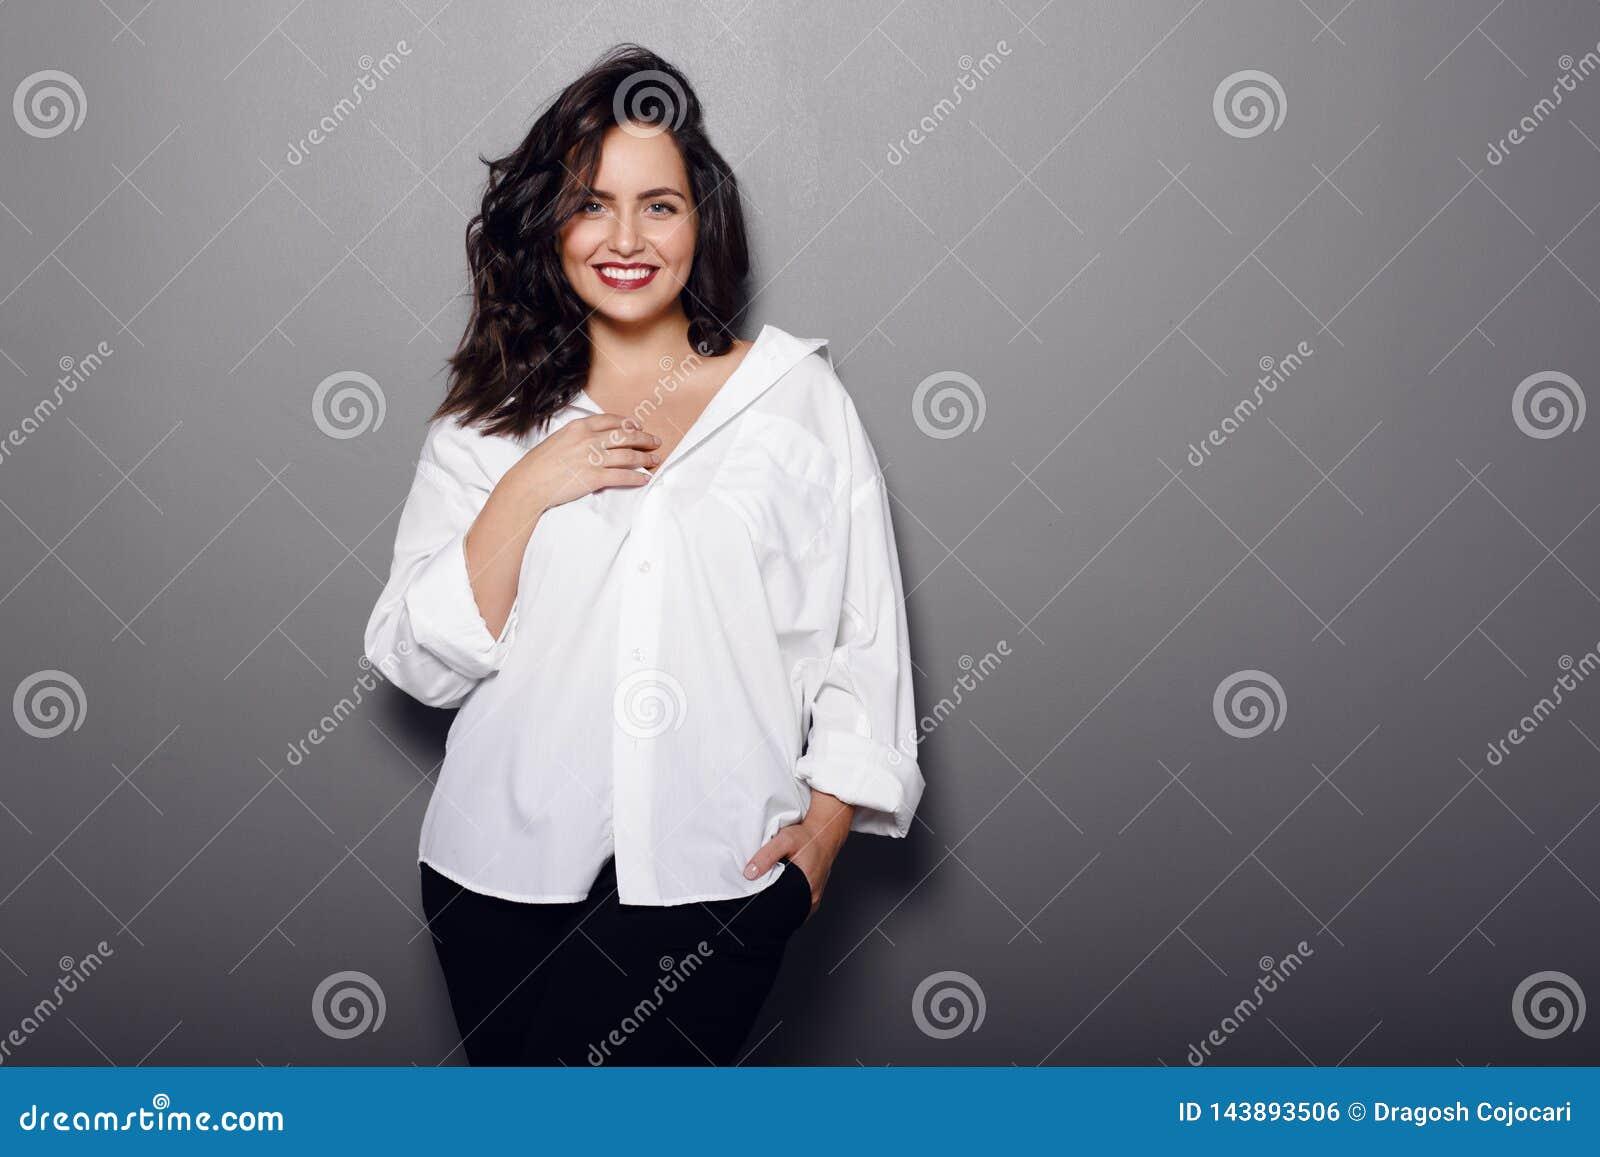 O retrato da beleza da mulher moreno alegre, veste na camisa branca e nas calças pretas, isoladas em um fundo cinzento